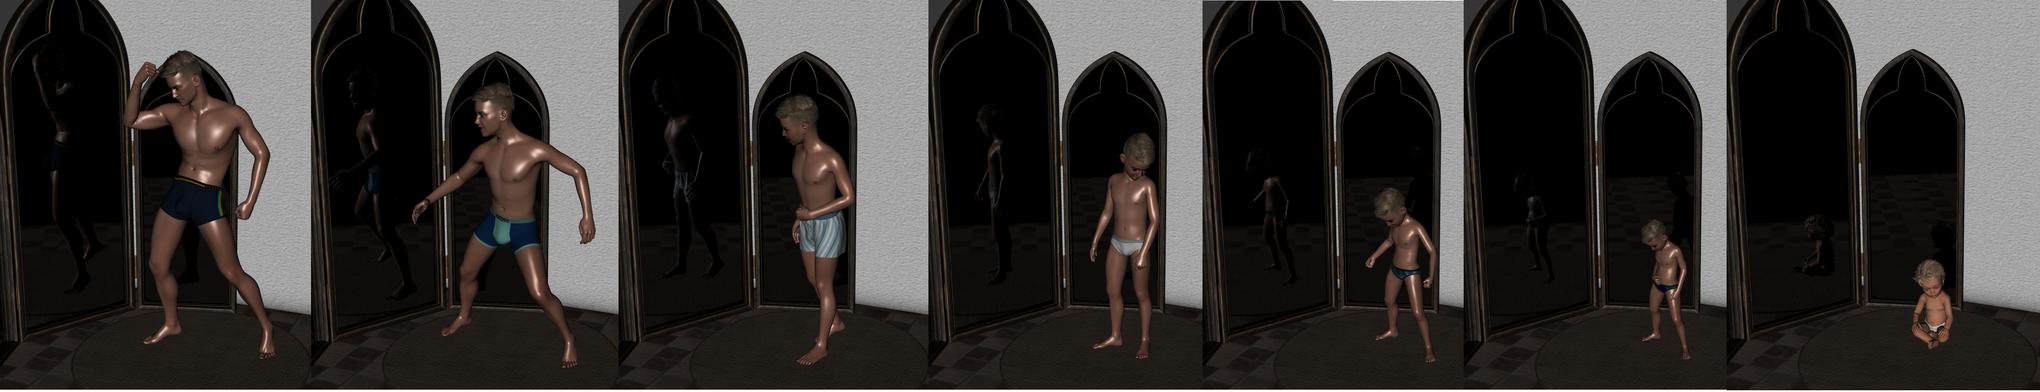 Mirror Mirror by Transformations6